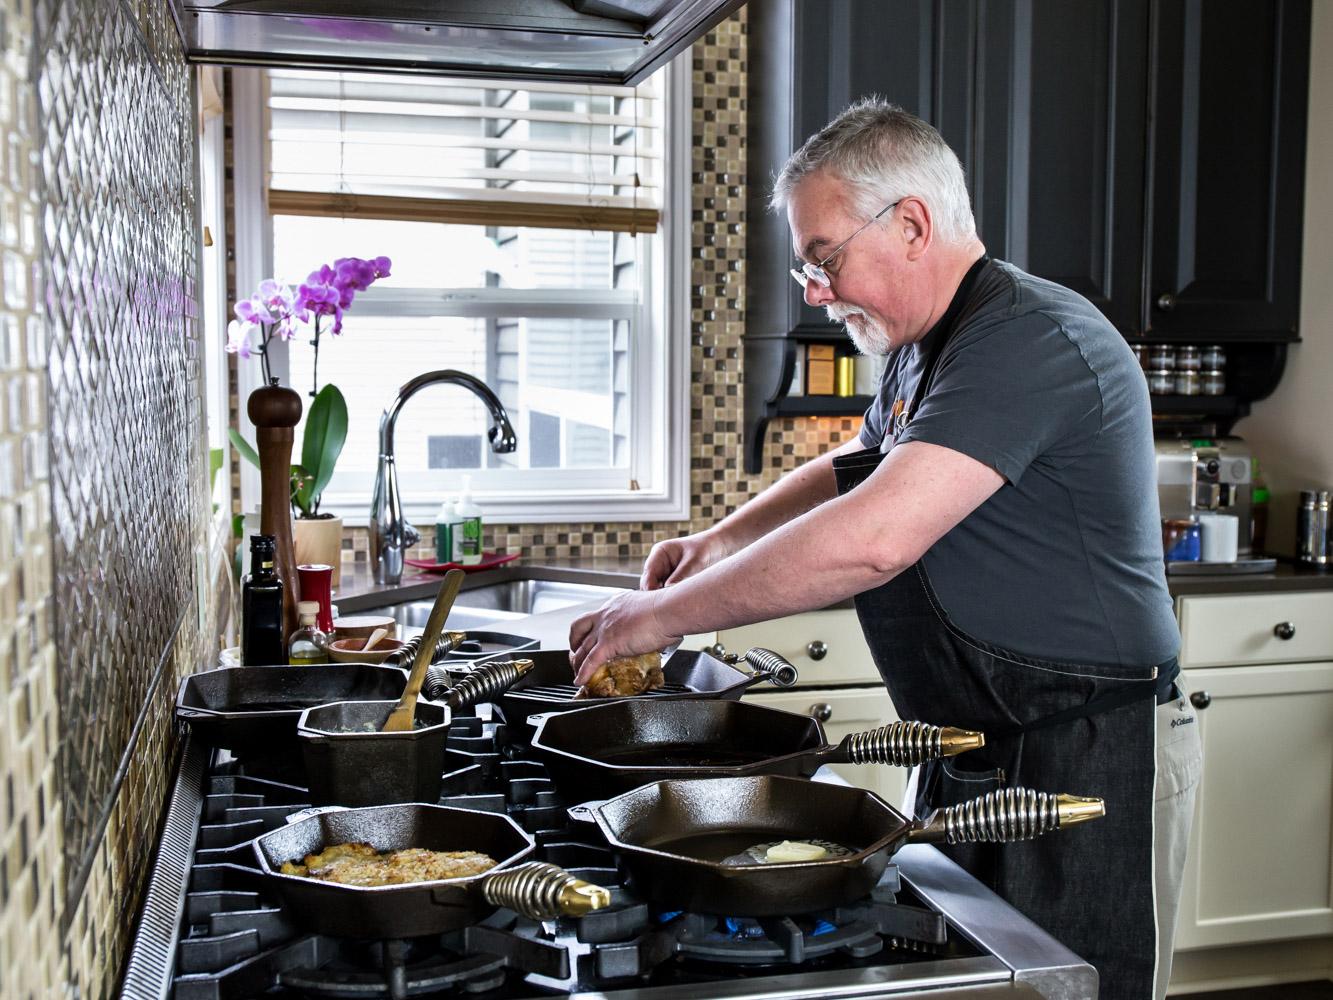 7 Piece Cast Iron Cookware Set FINEX Cast Iron Cookware Co